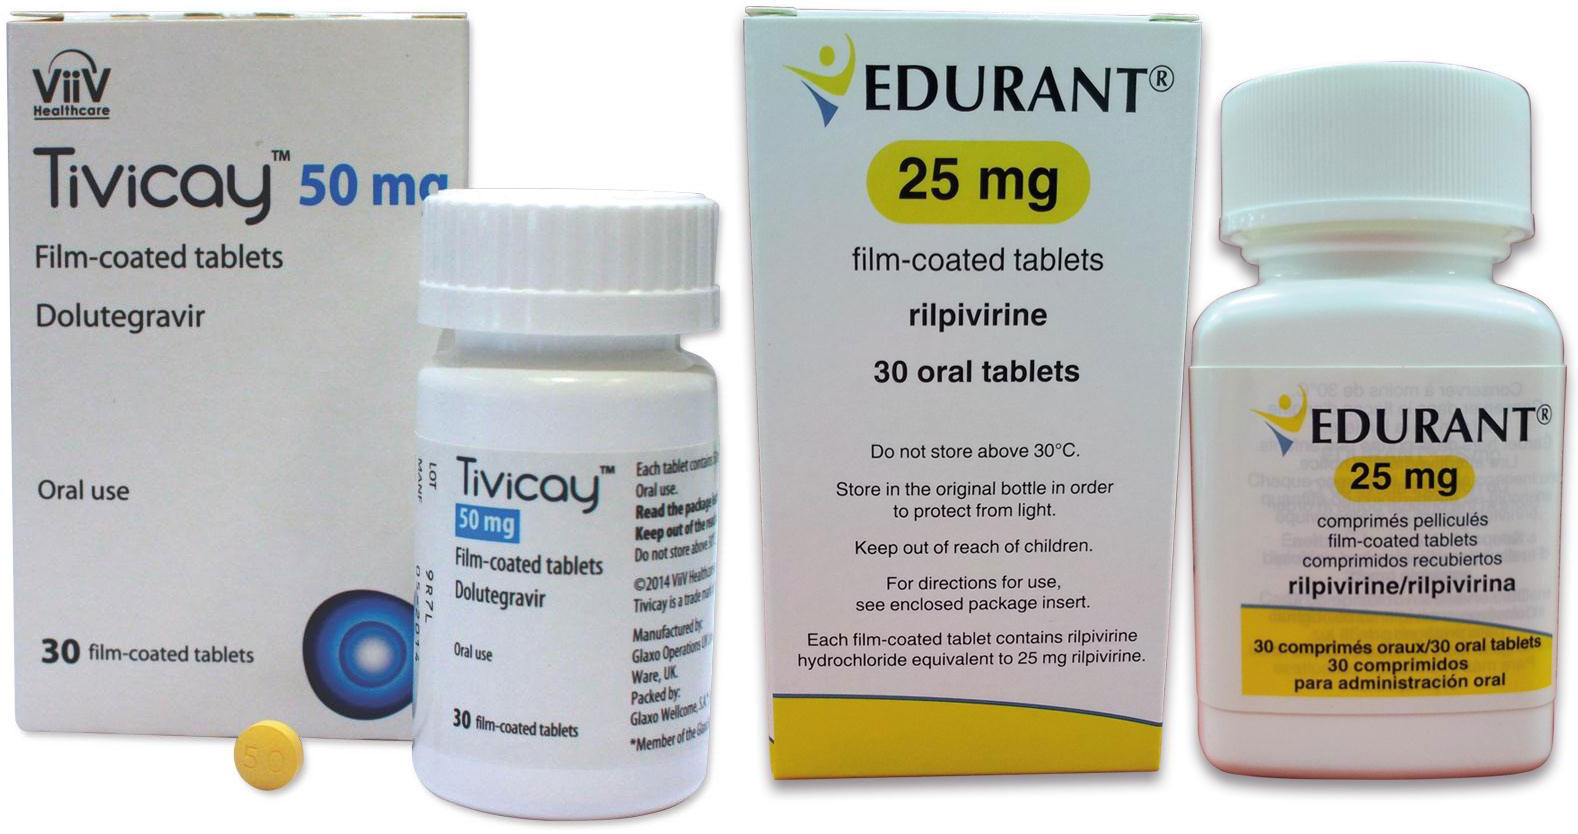 Упаковки препаратов «Тивикай» (Tivicay, долутегравир) и «Эдюрант»(Edurant, рилпивирин).